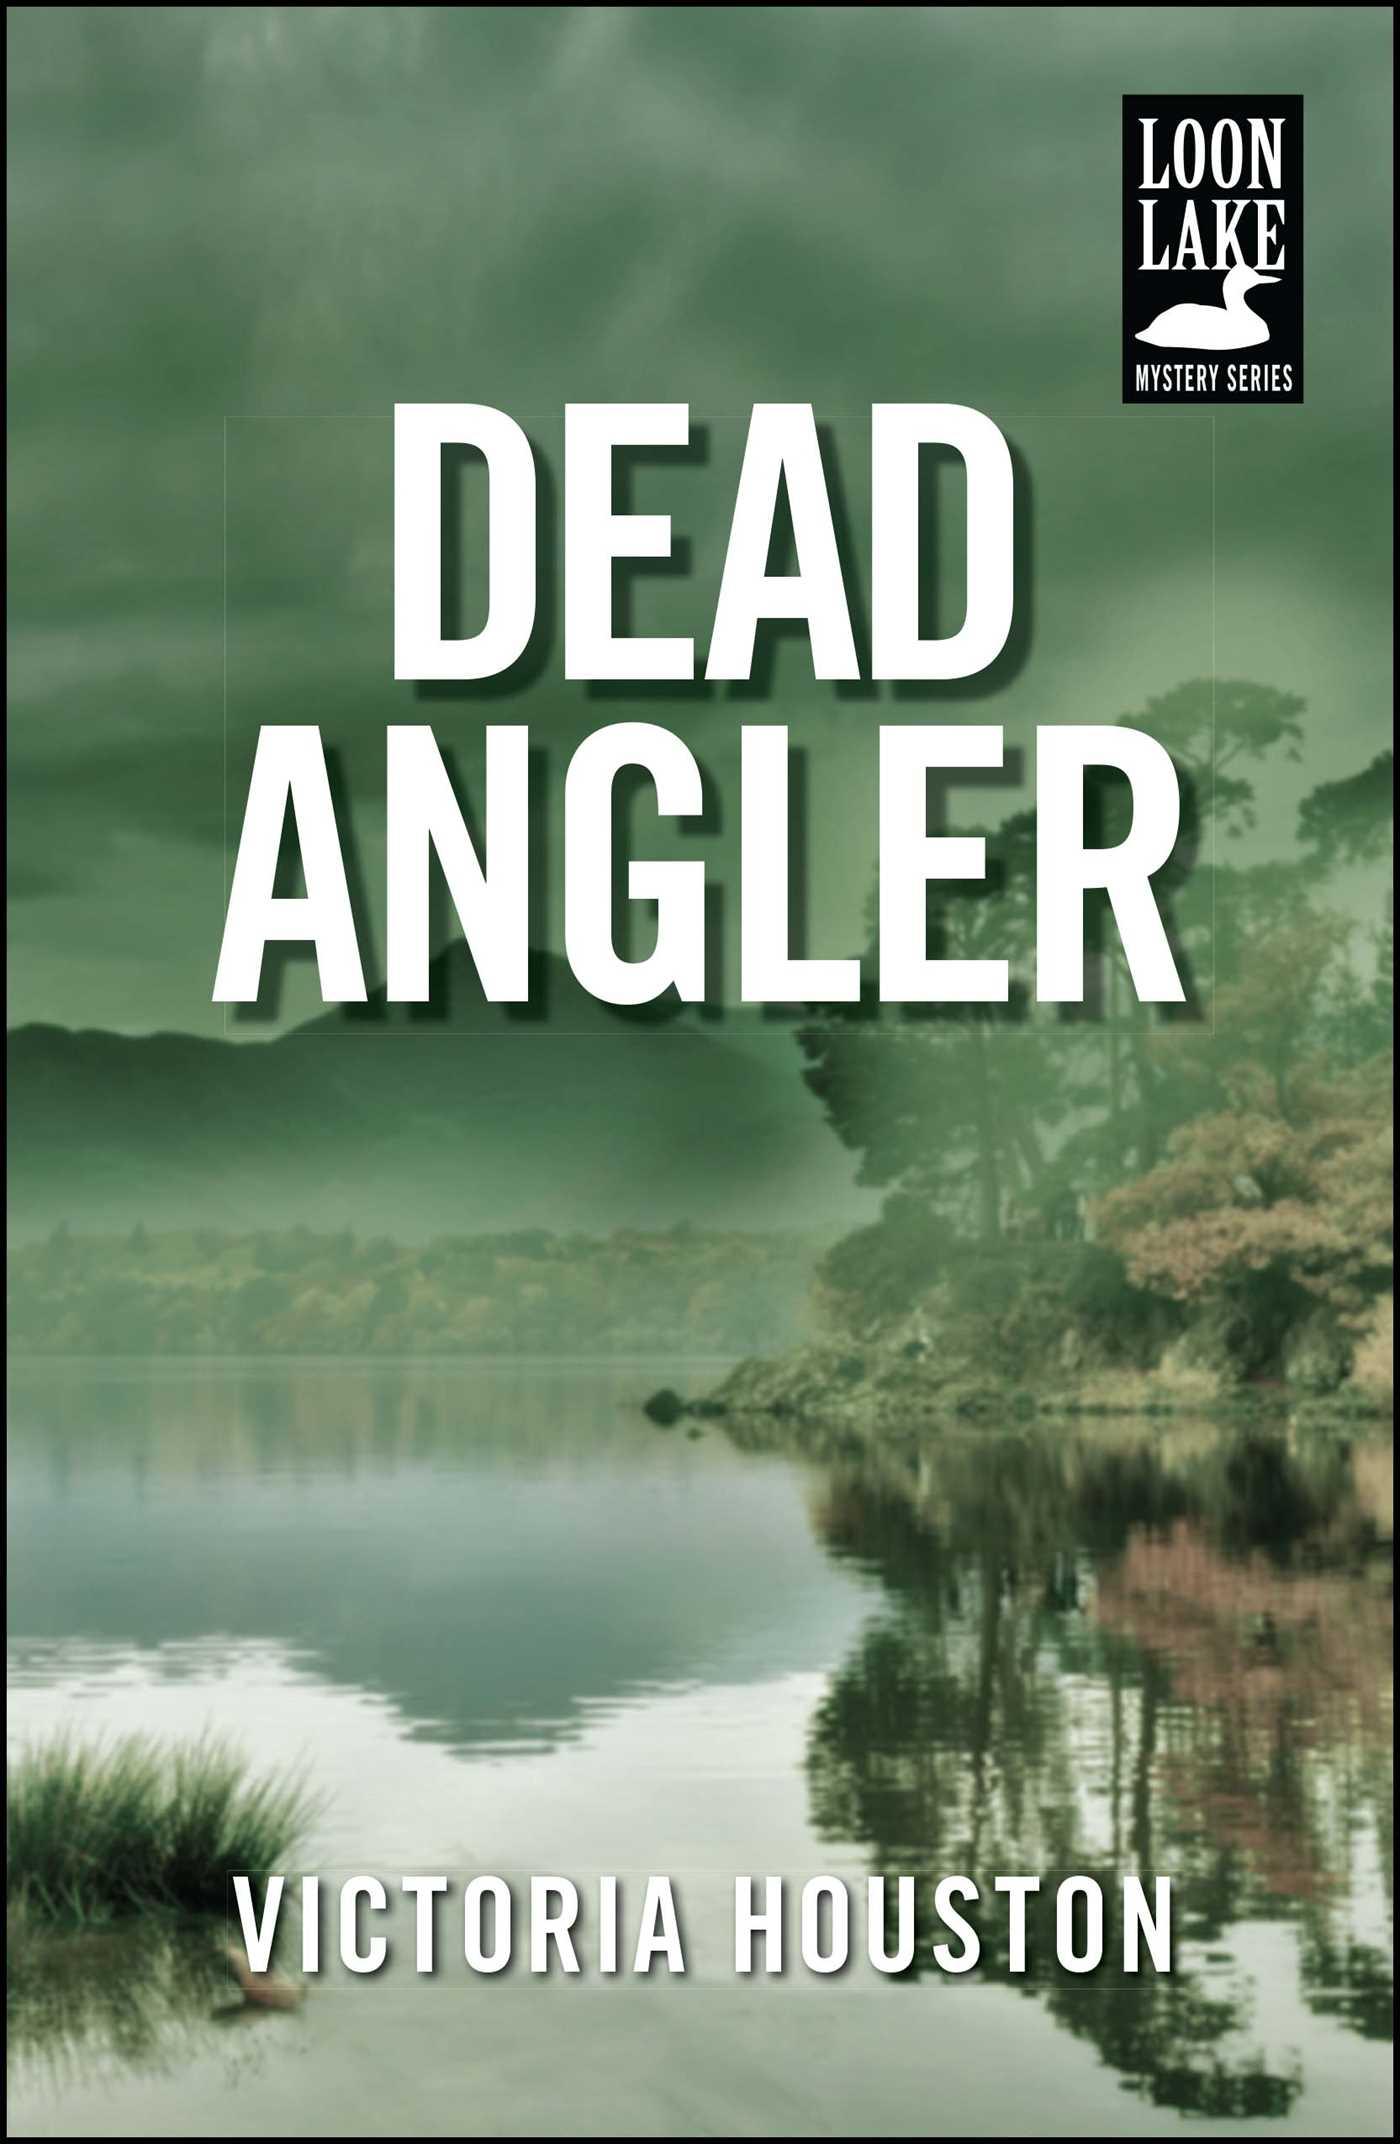 Dead angler 9781440531439 hr